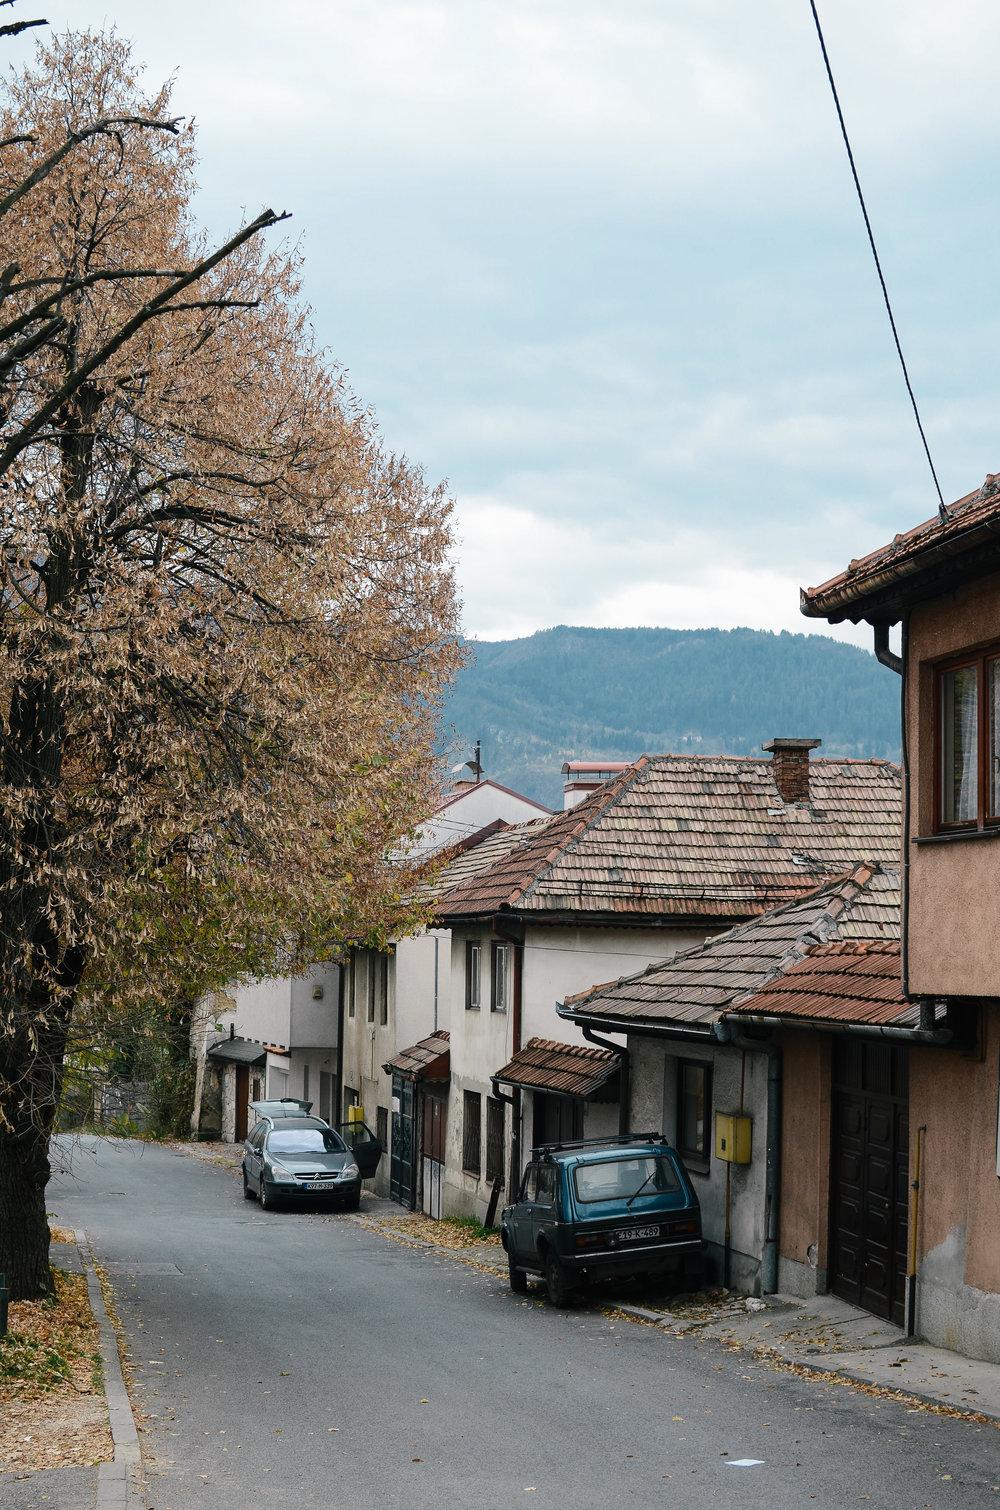 bosnia-travel-sarajevo-guide-lifeonpine_DSC_2862.jpg